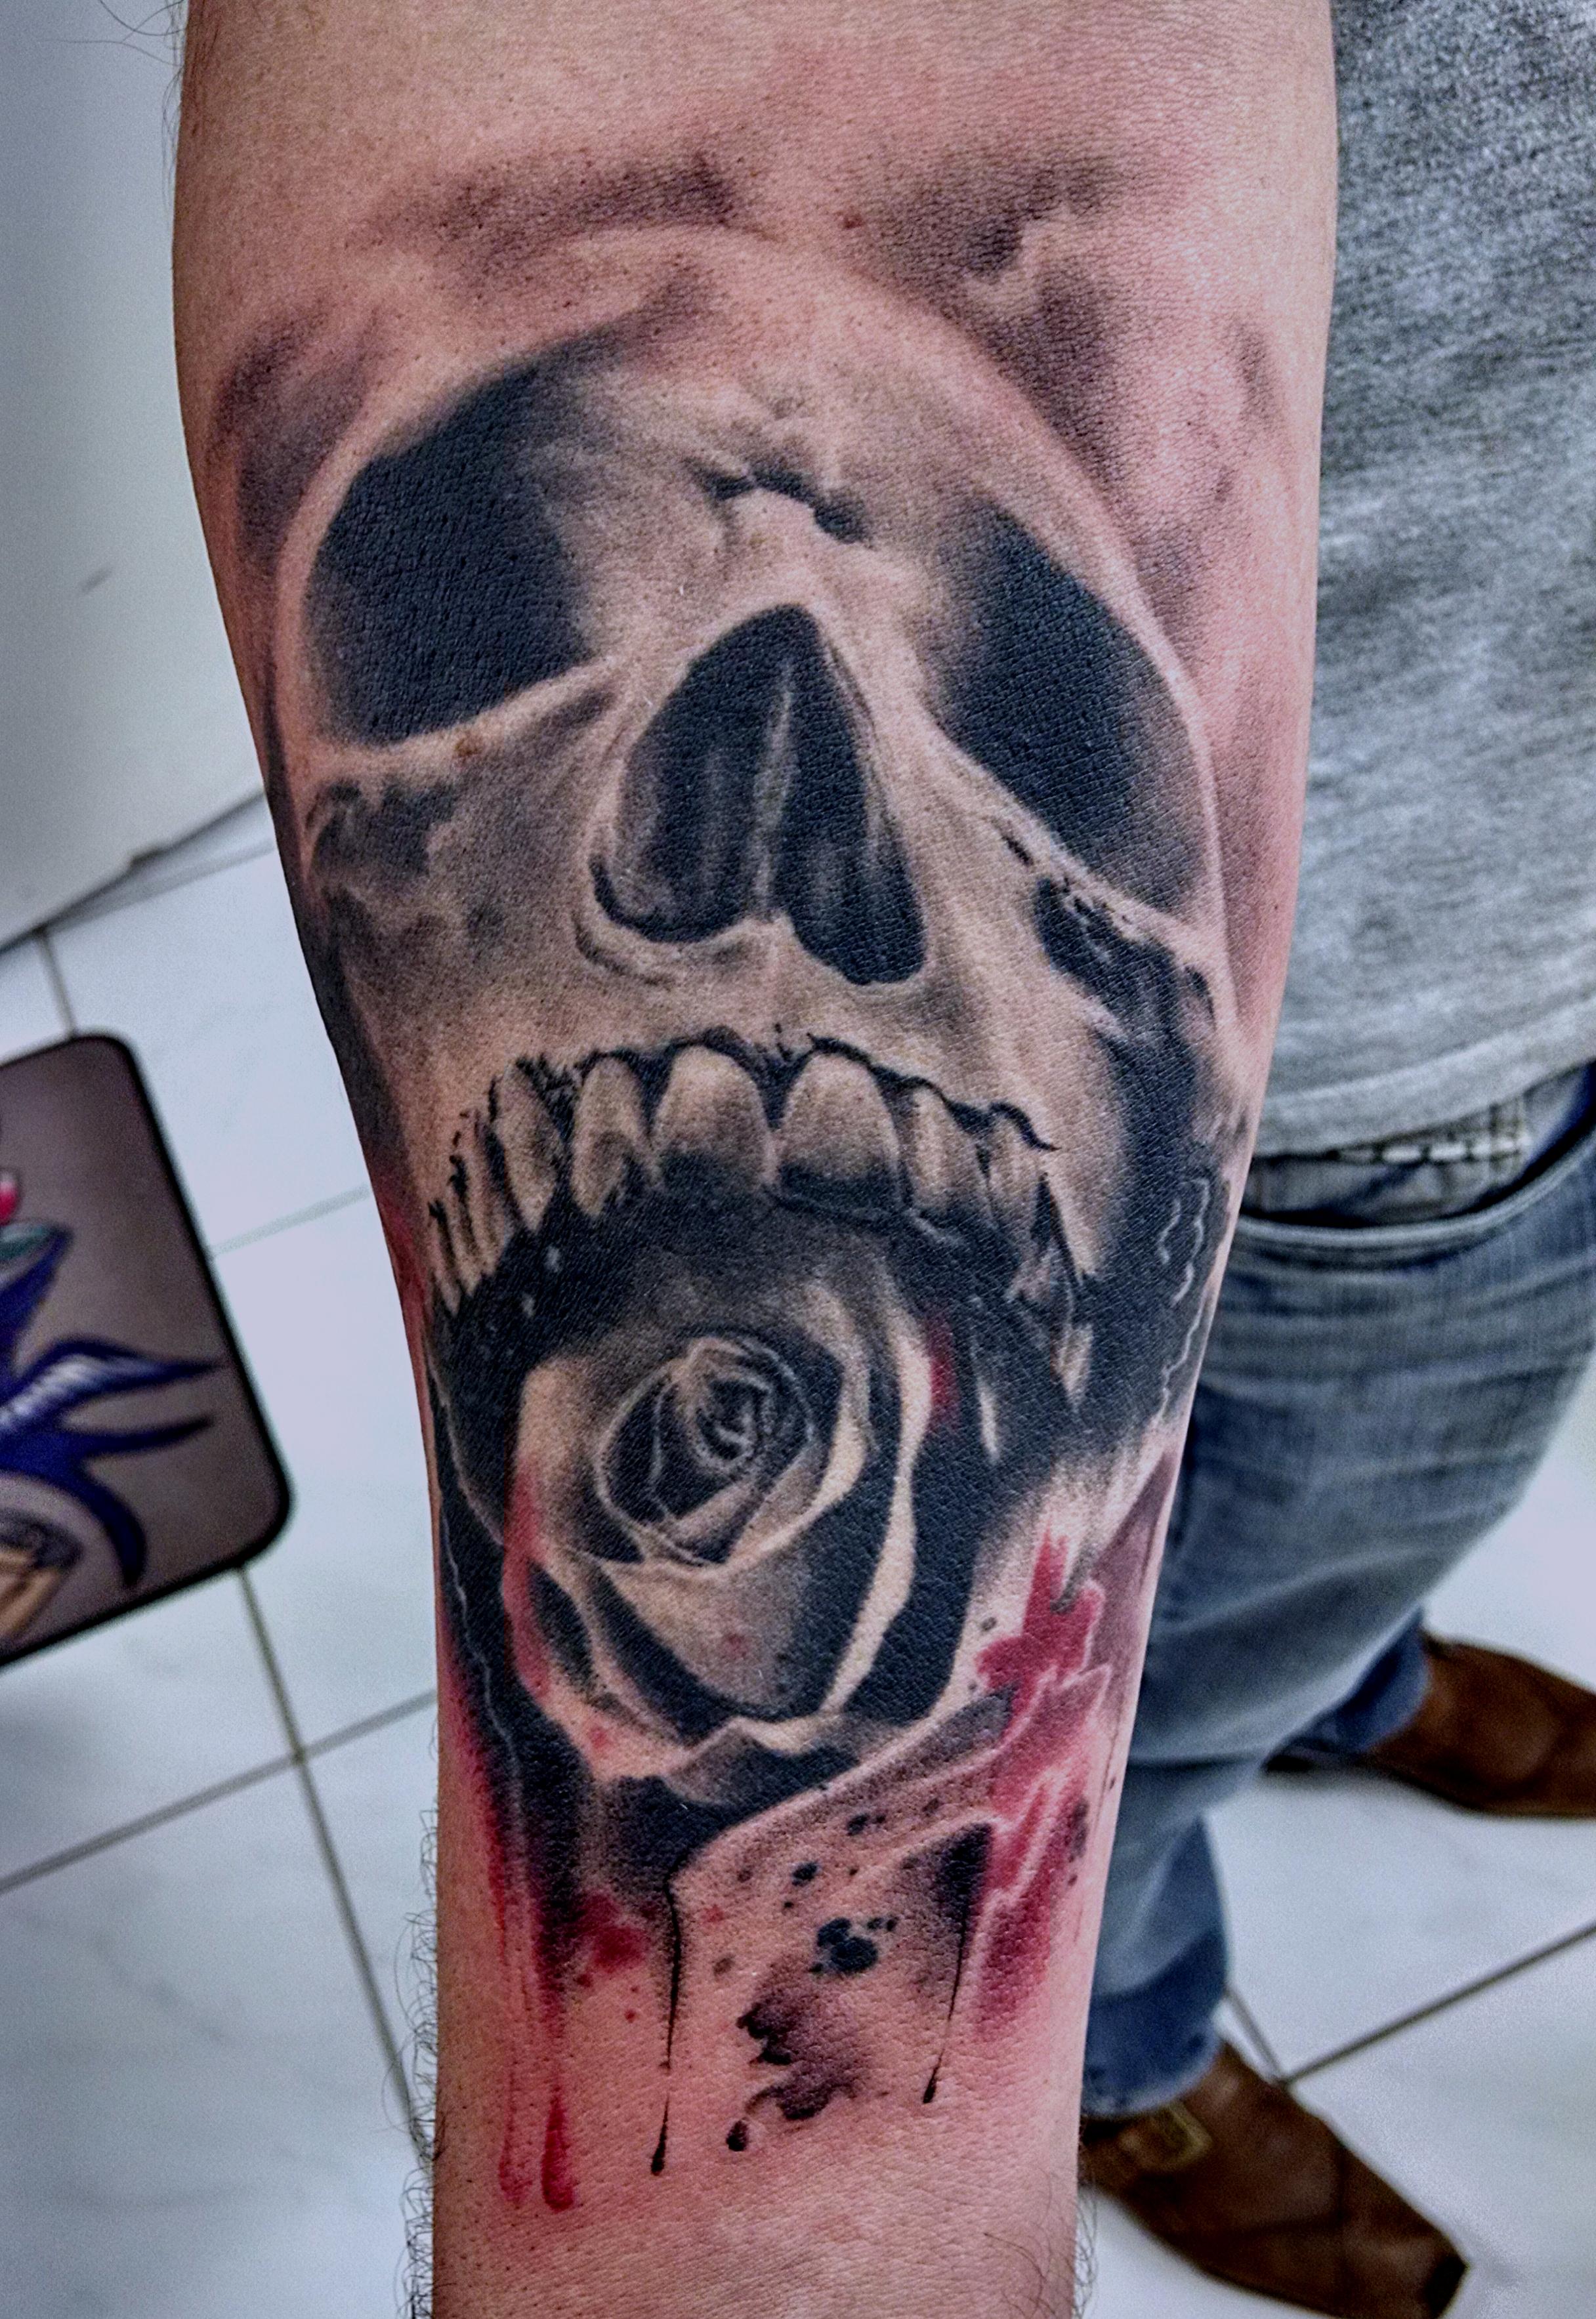 crânio_rosa_tattoo_mrpaul_dermographic_ribeirão_preto[1]